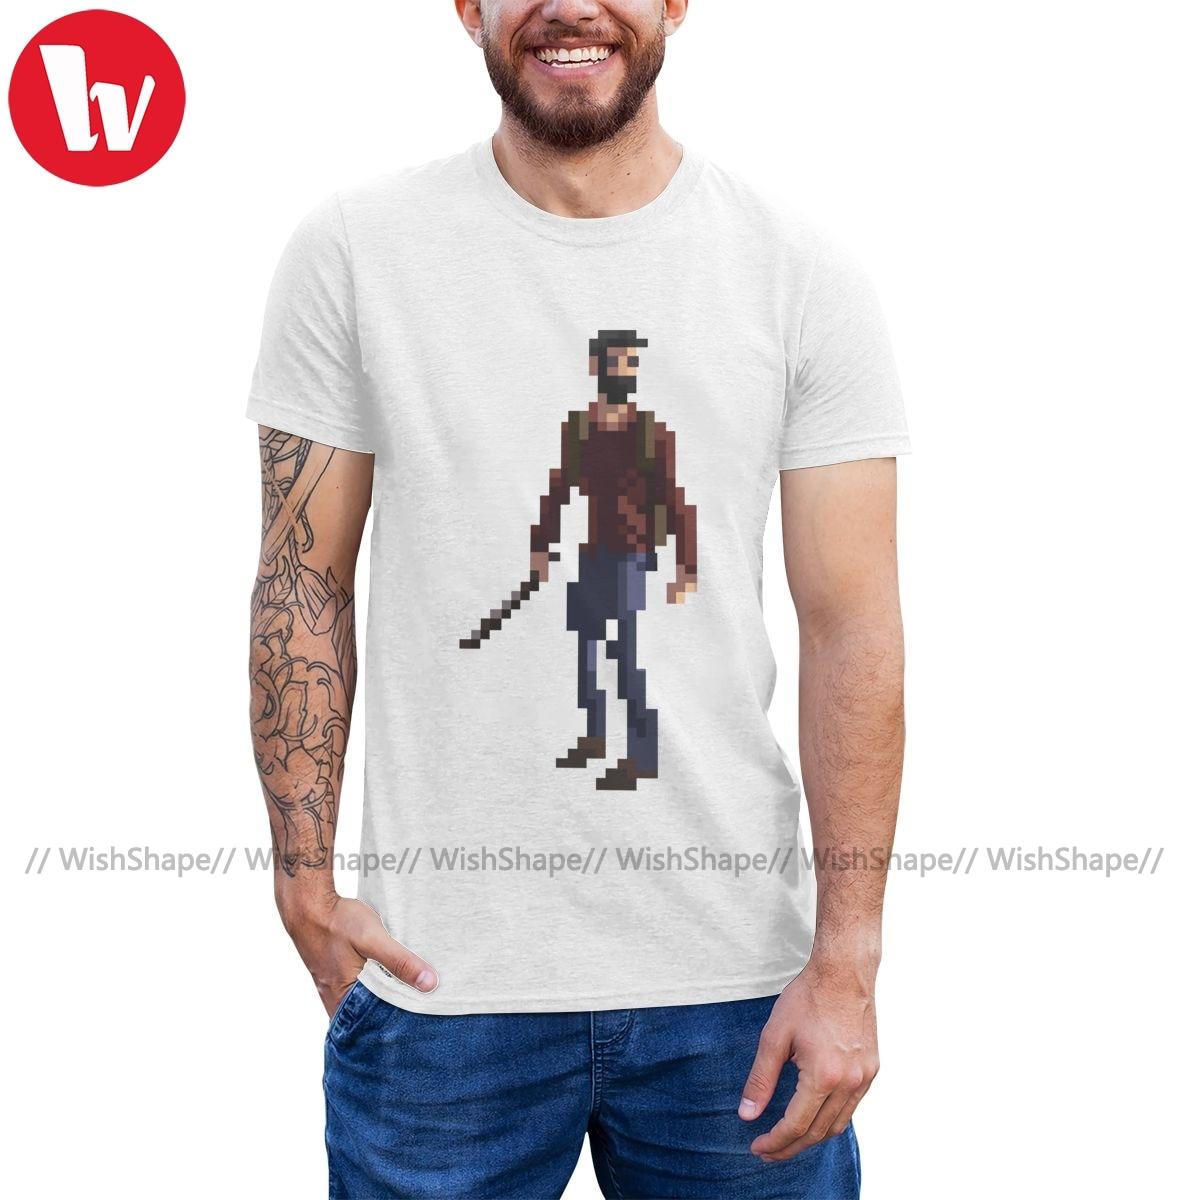 La última de nosotros, camiseta, la última de nosotros, camiseta con imagen de píxel, camiseta a la moda para hombre, camiseta bonita de algodón con gráfico